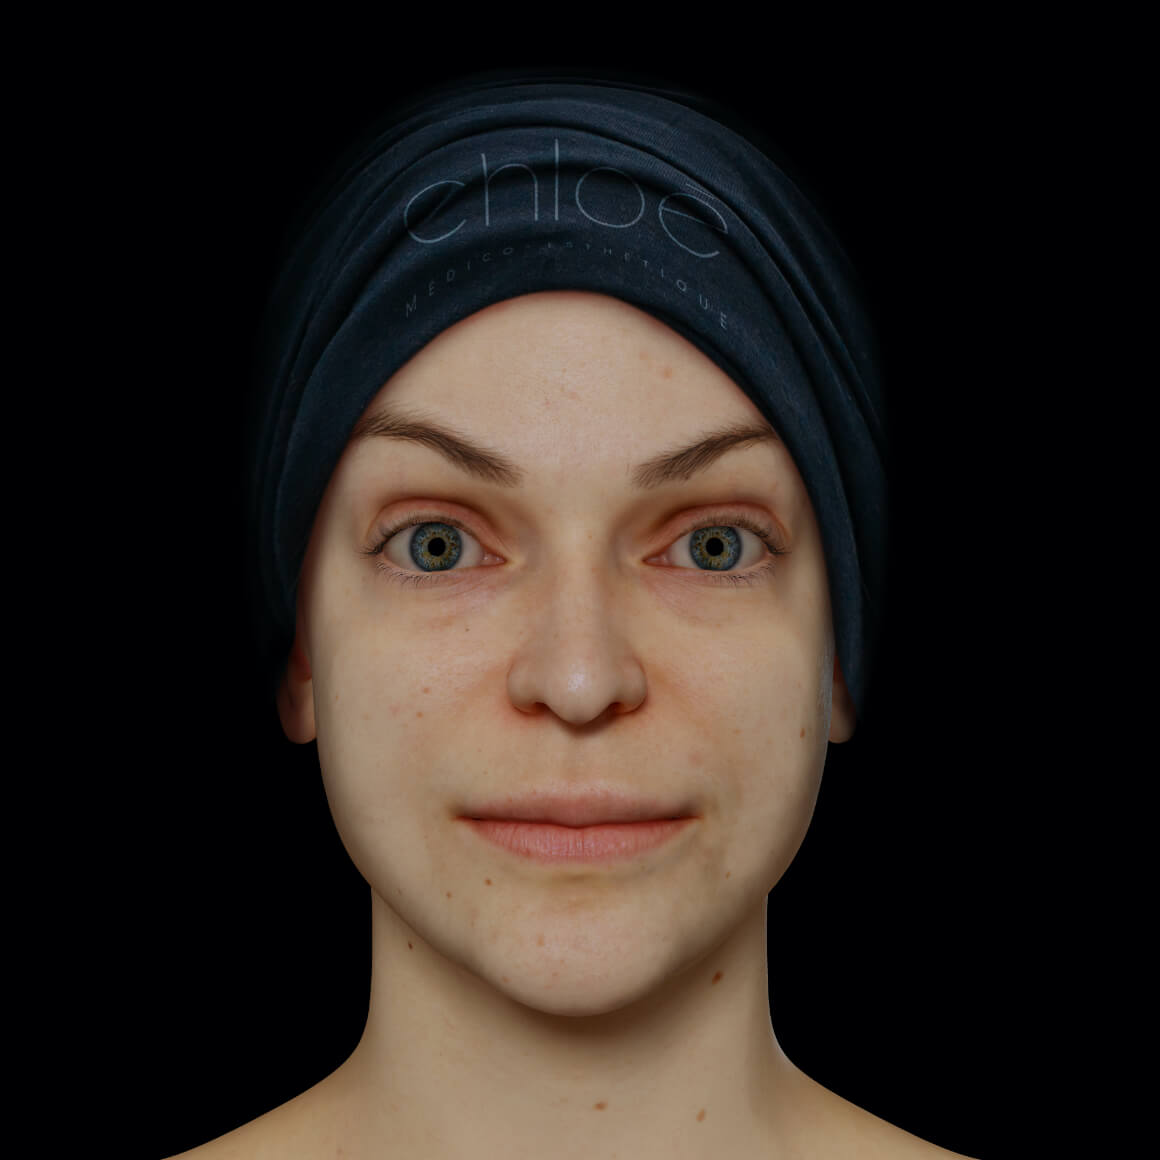 Une patiente de la Clinique Chloé positionnée de face après des injections de Skinboosters pour effacer les rides